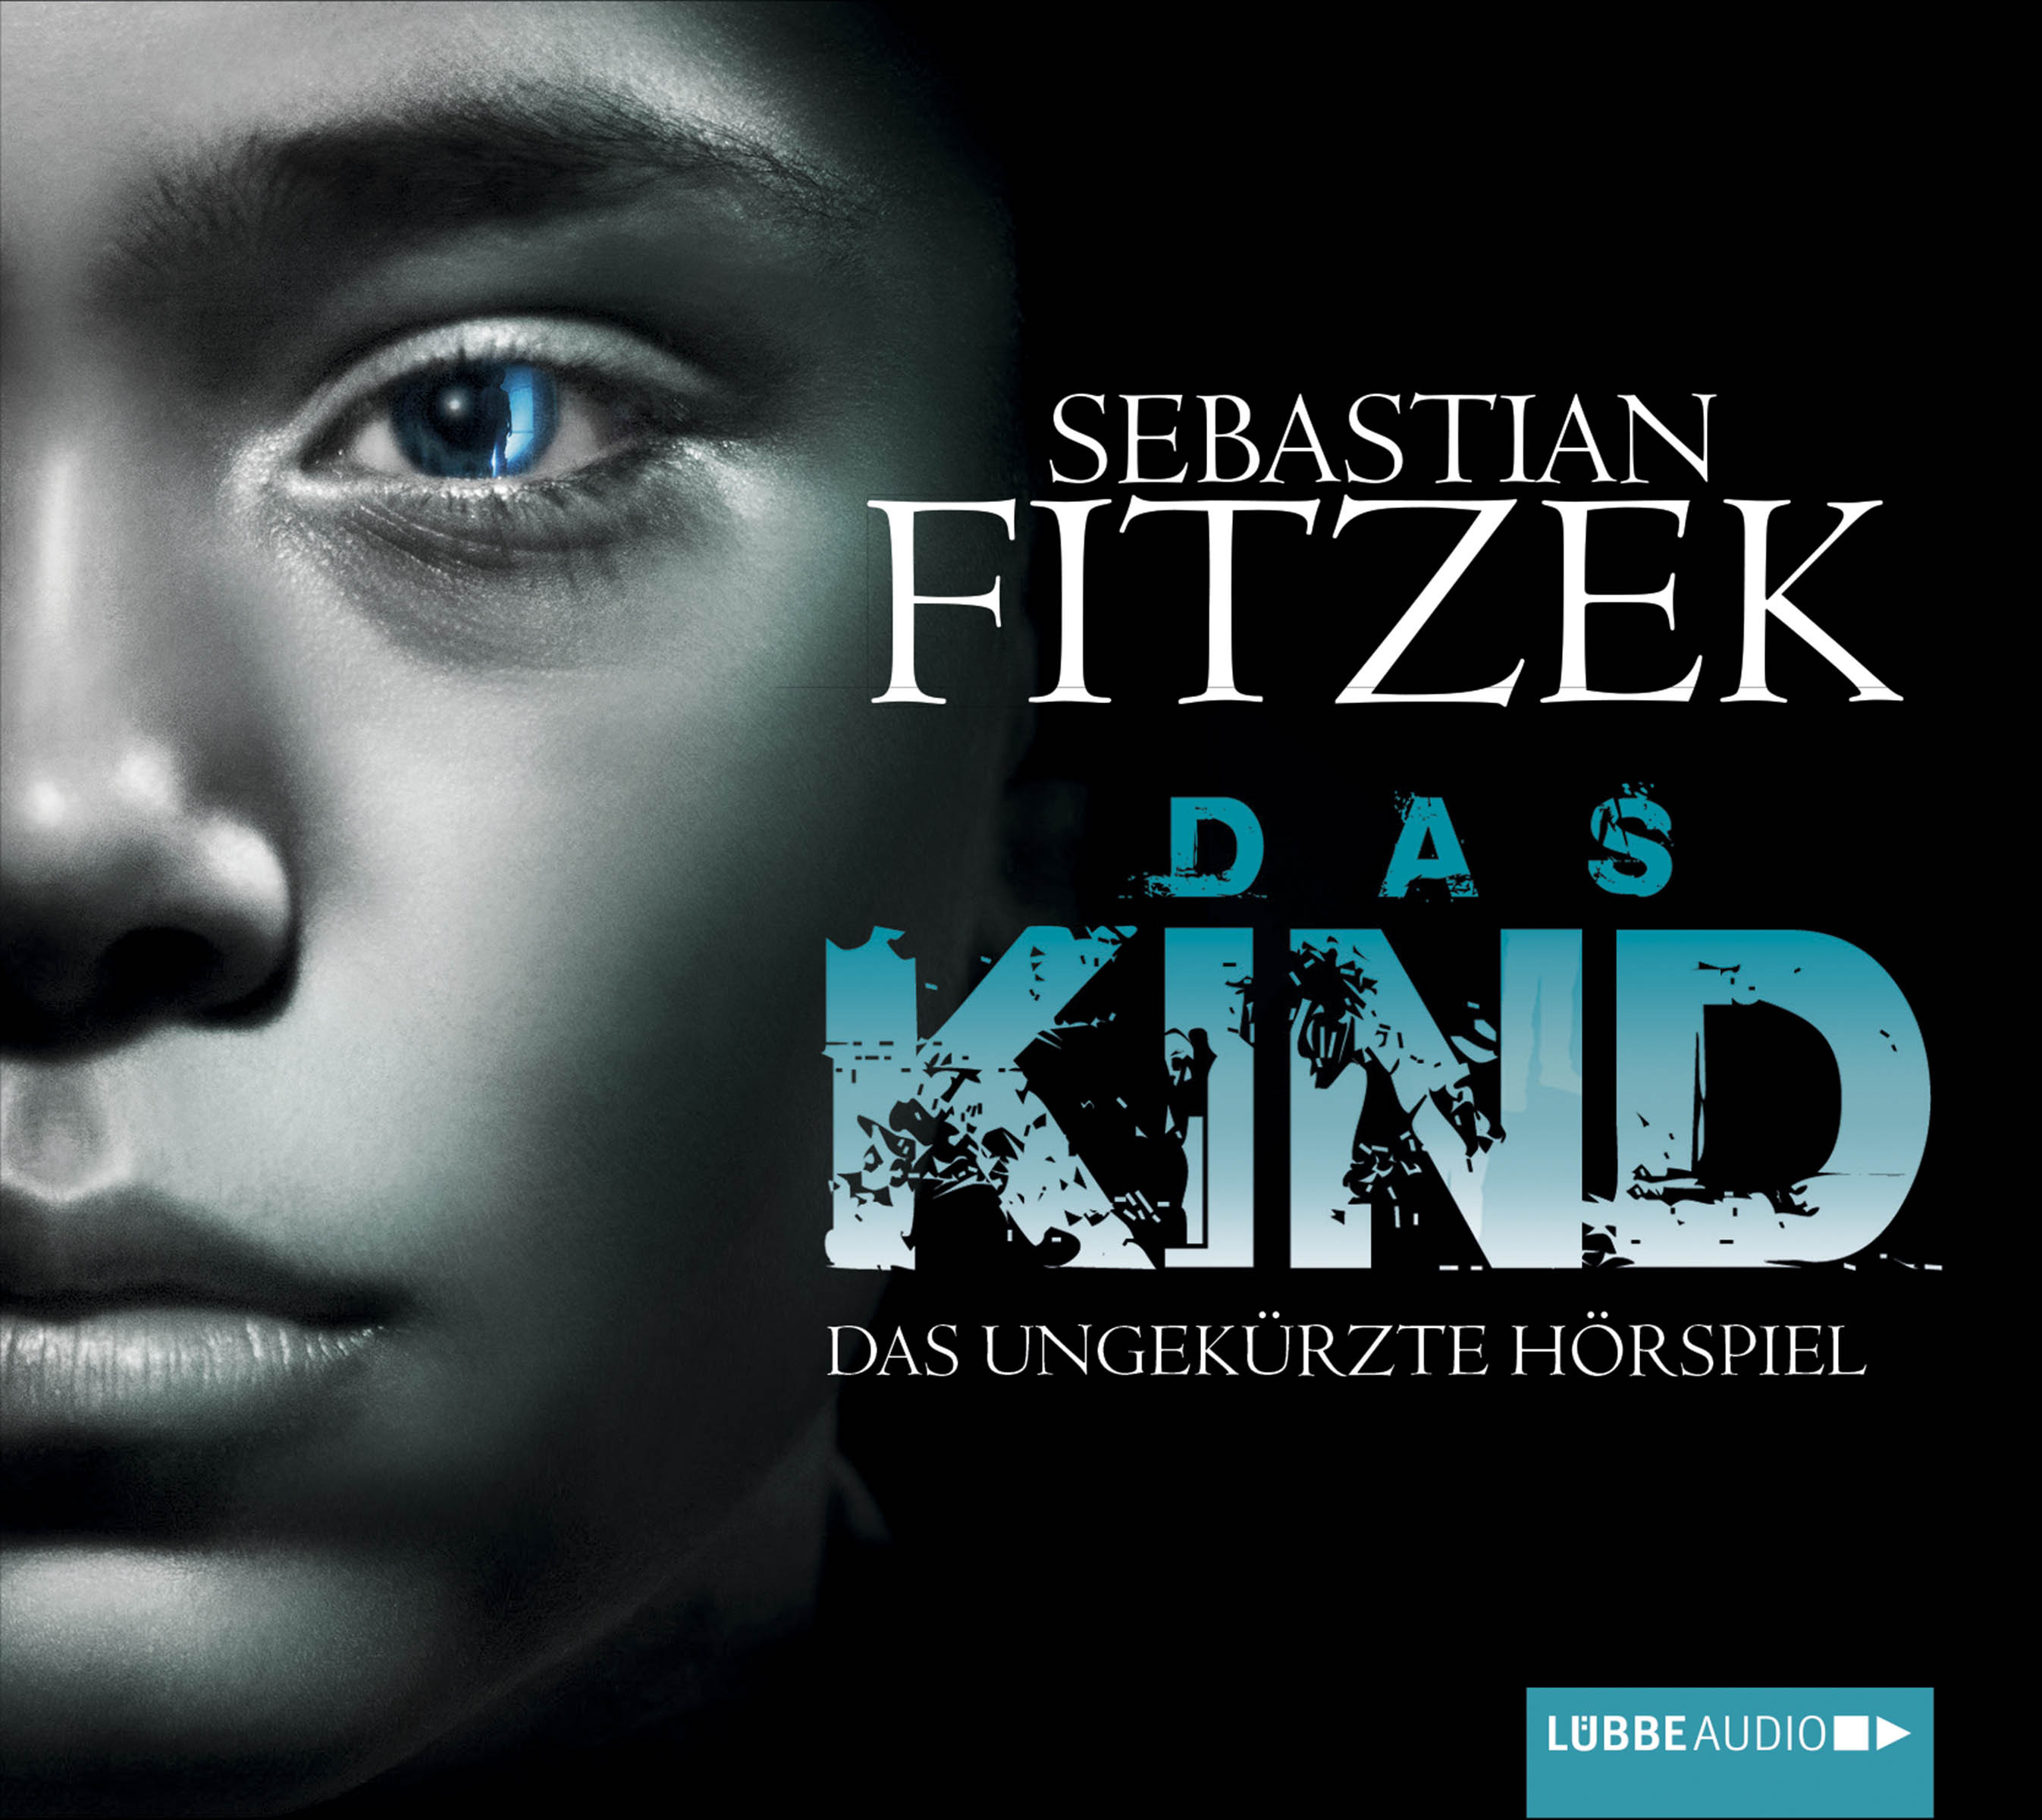 Sebastian Fitzek - Das Kind (Das ungekürzte Hörspiel)